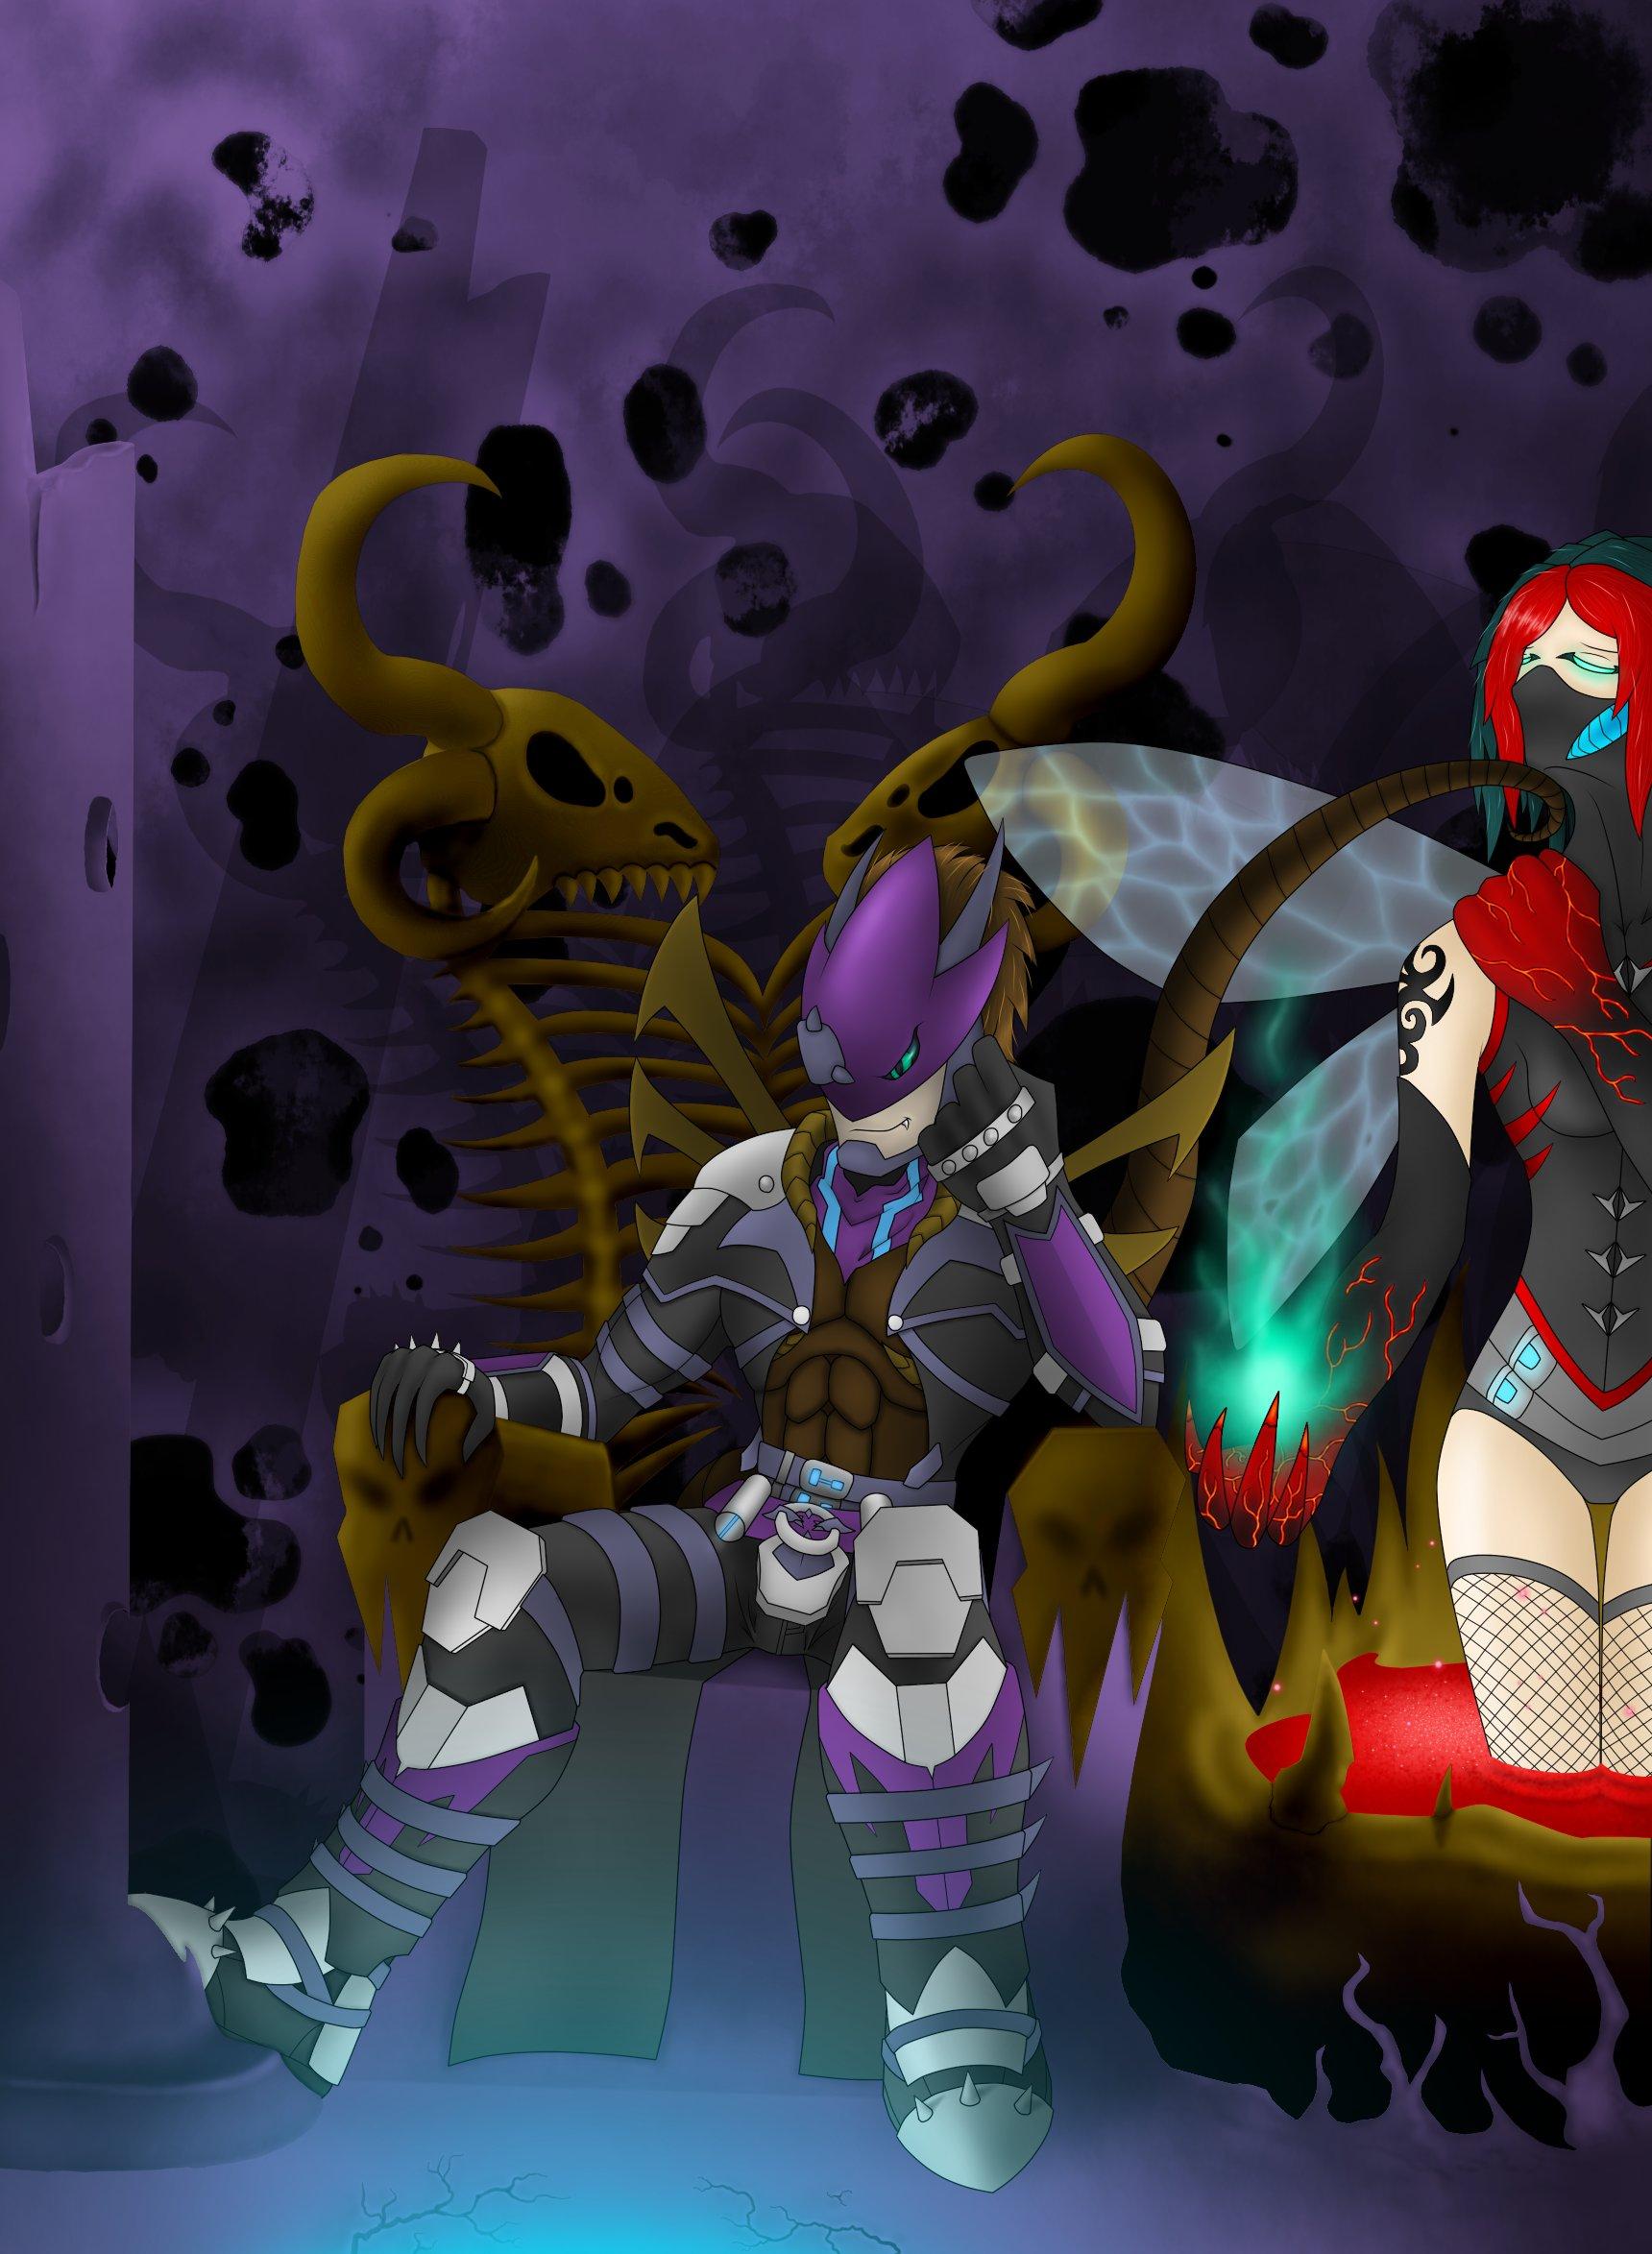 Beelzebub's throne